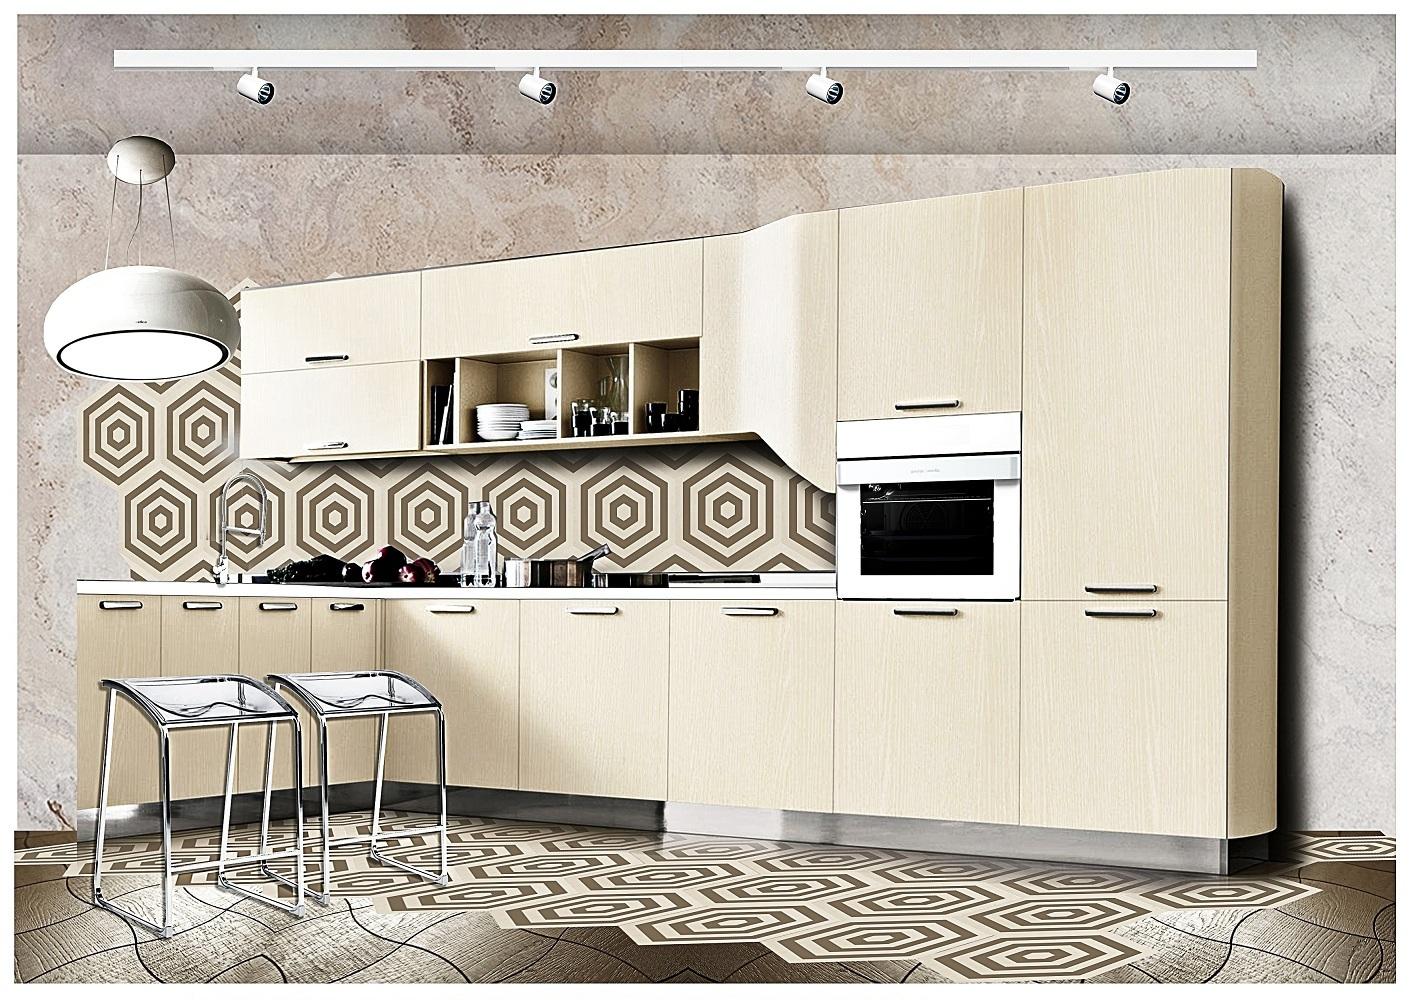 Коллаж. Современная кухня